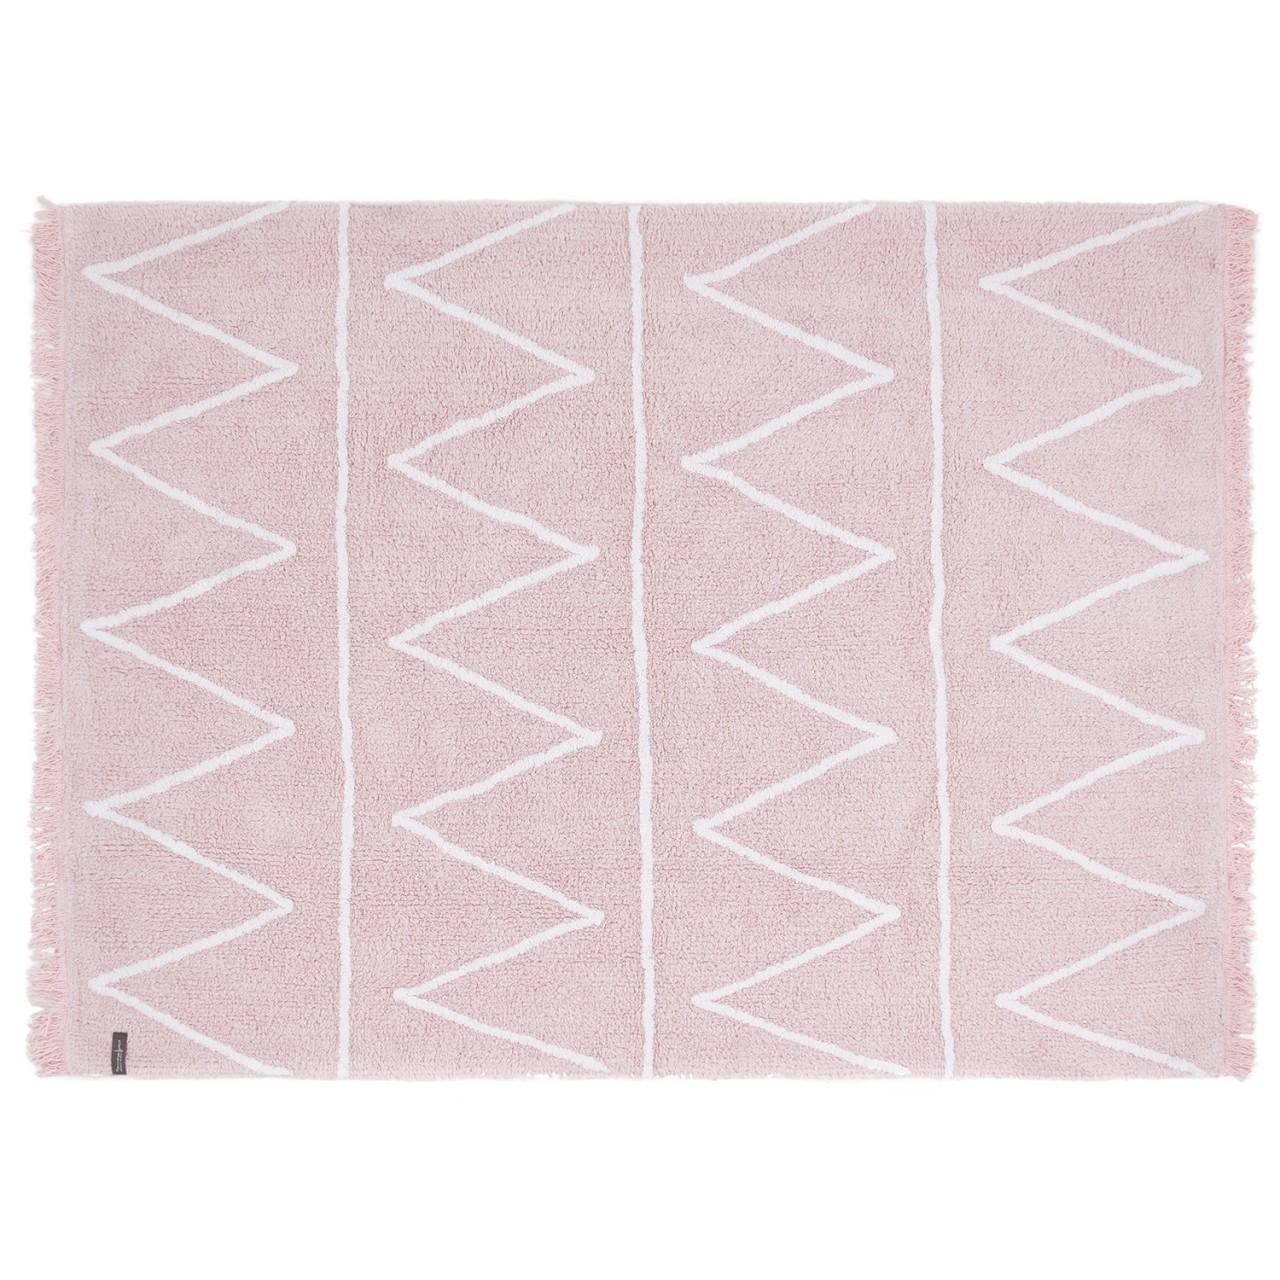 teppich für kinderzimmer mit zick zack rosa motiv günstig